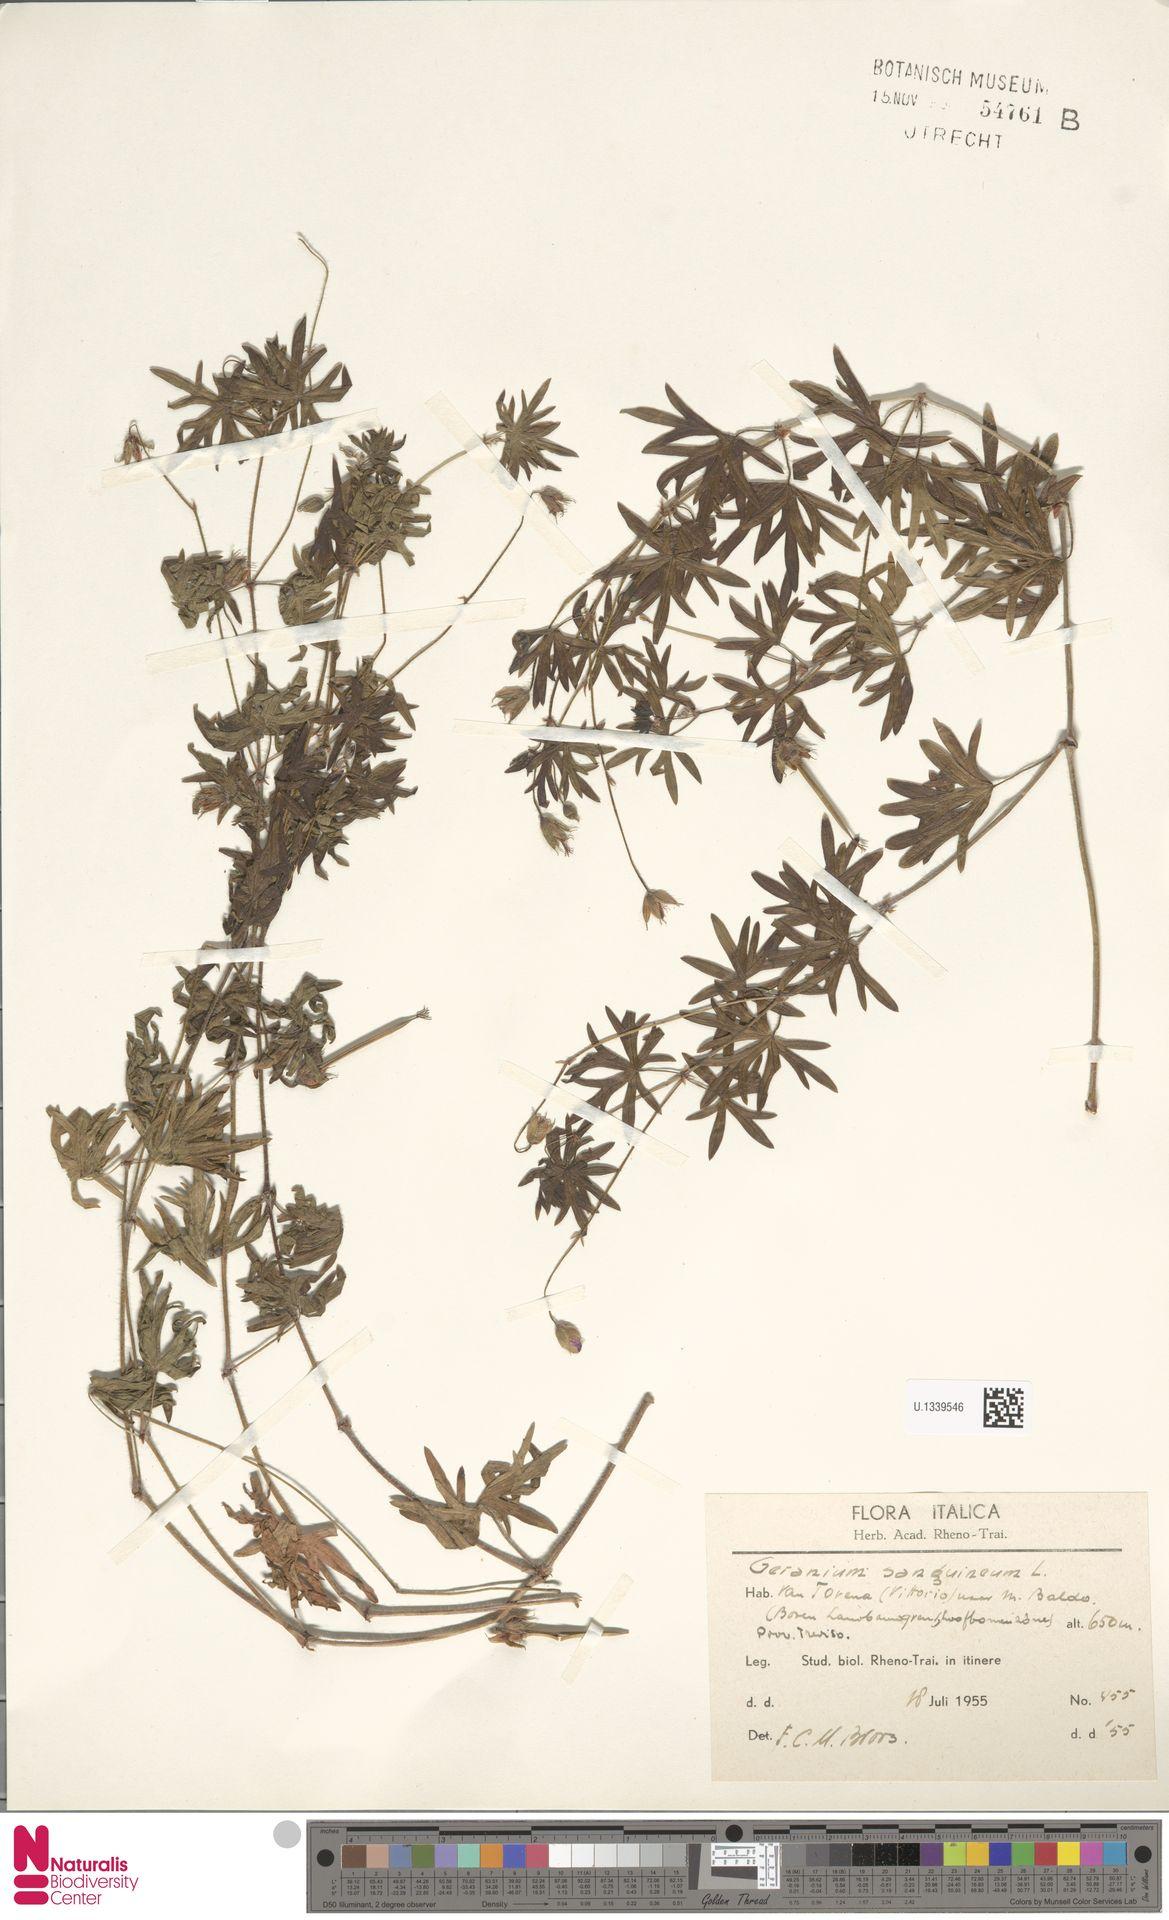 U.1339546 | Geranium sanguineum L.